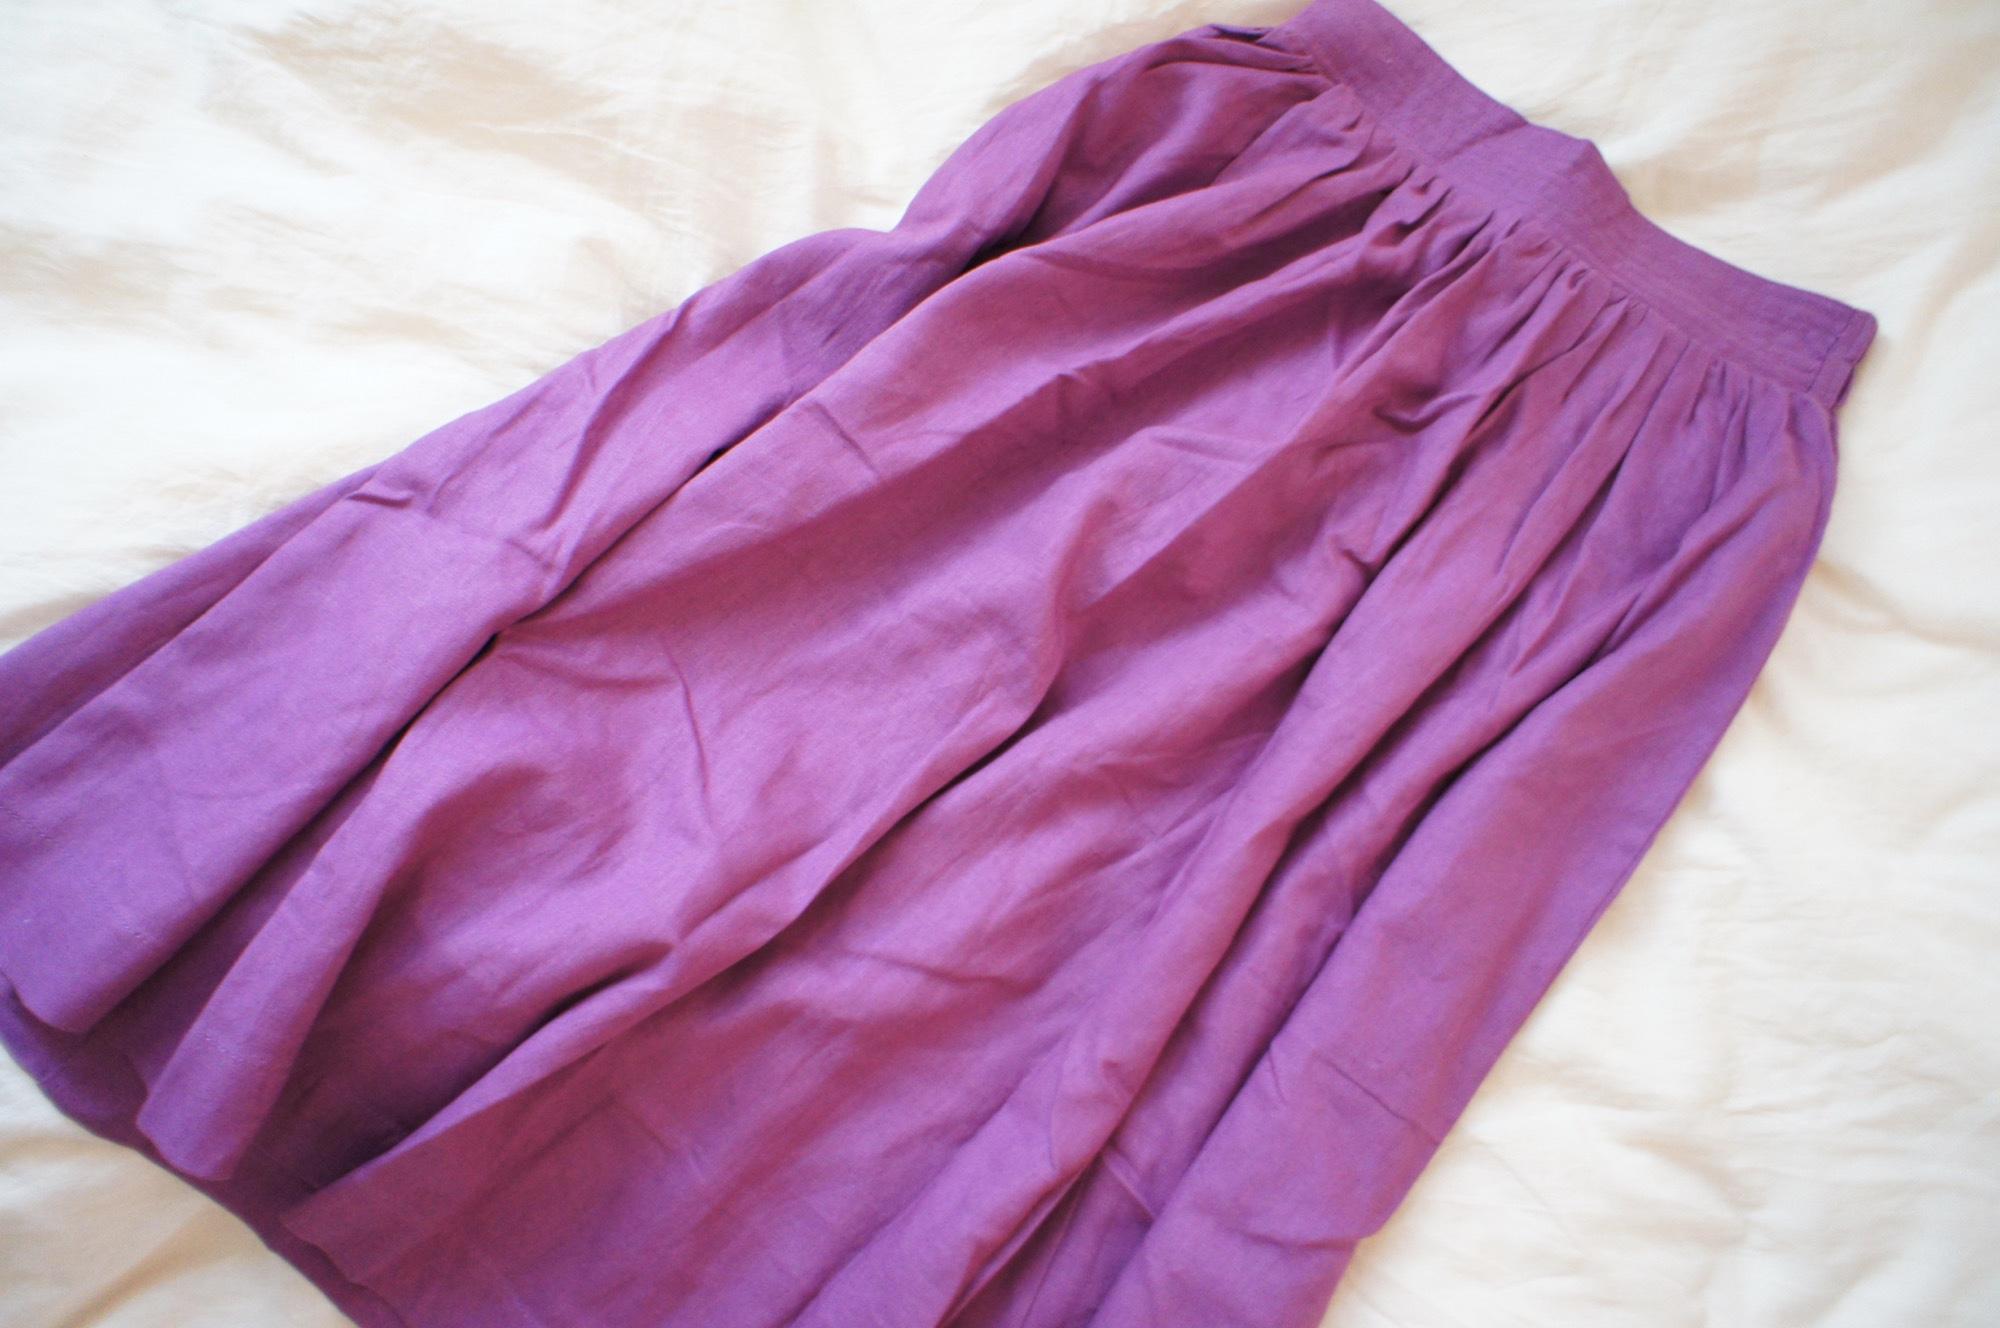 《#170cmトールガール》のプチプラコーデ❤️【MORE本誌にも掲載!】¥2,990+税のラベンダーカラースカートが使える☻_1